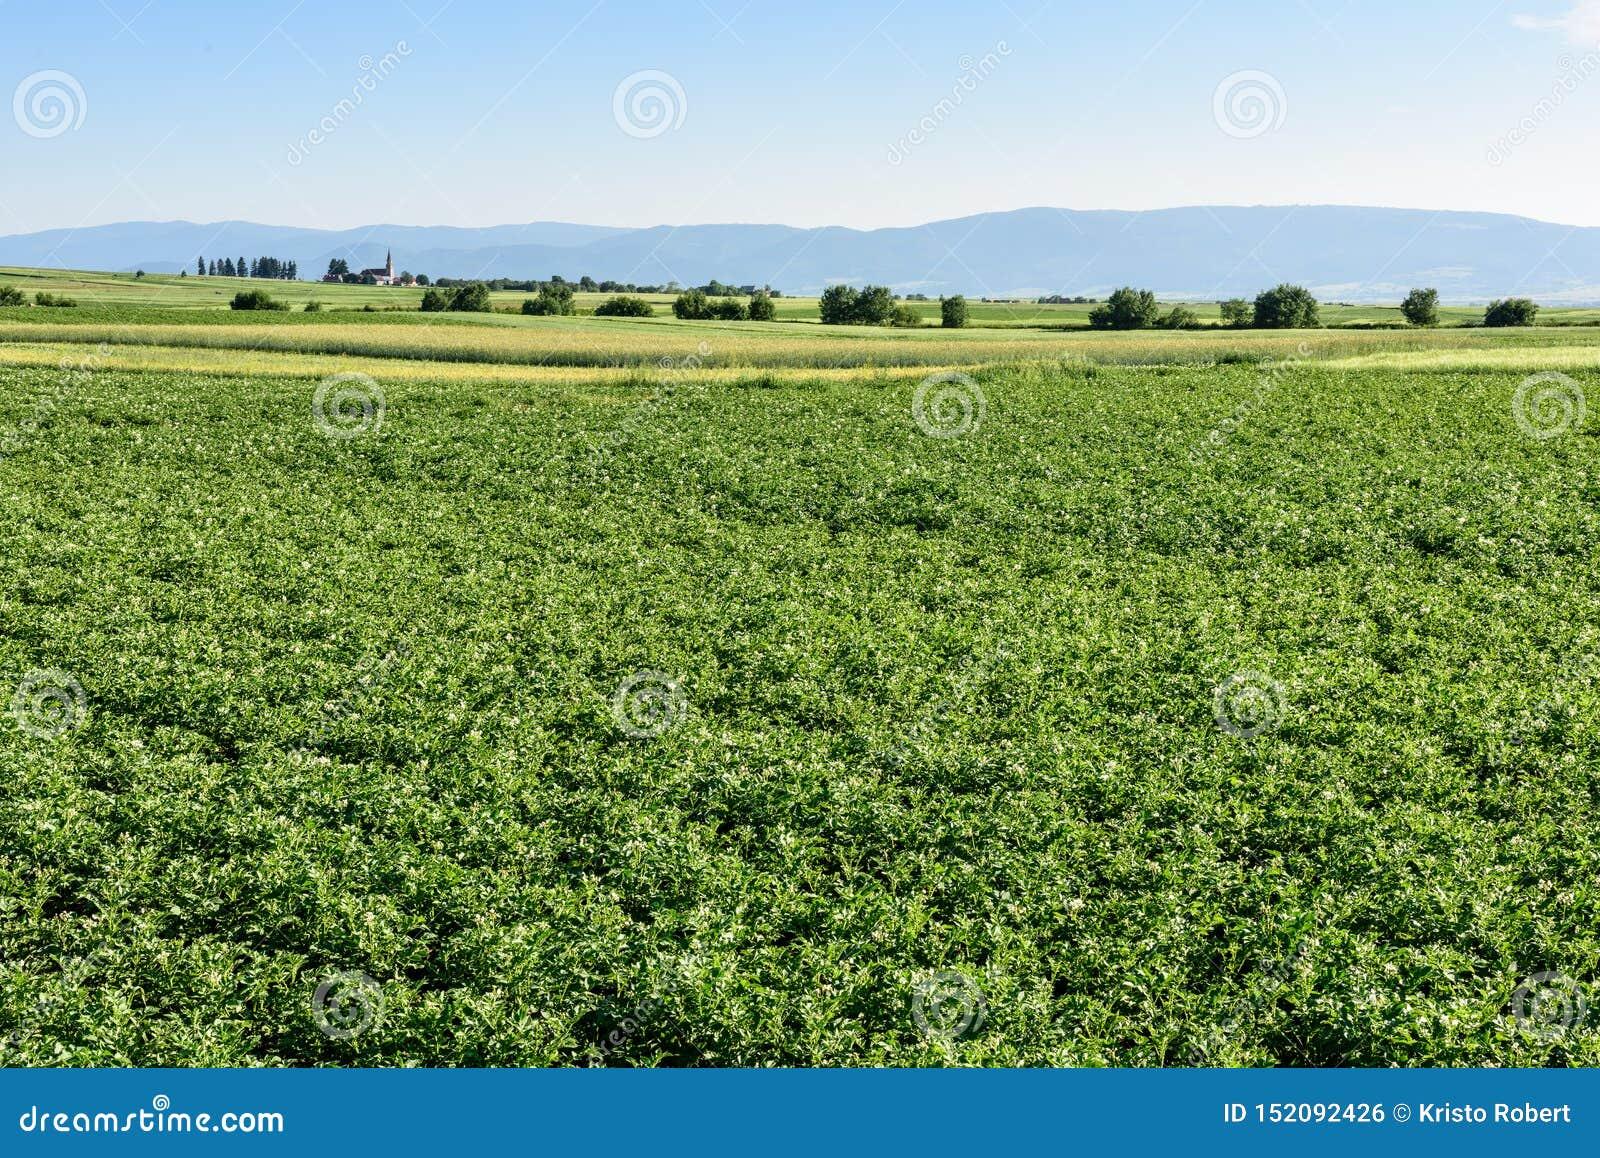 Zielony pole kartoflane uprawy z rz?du pola rolnicze